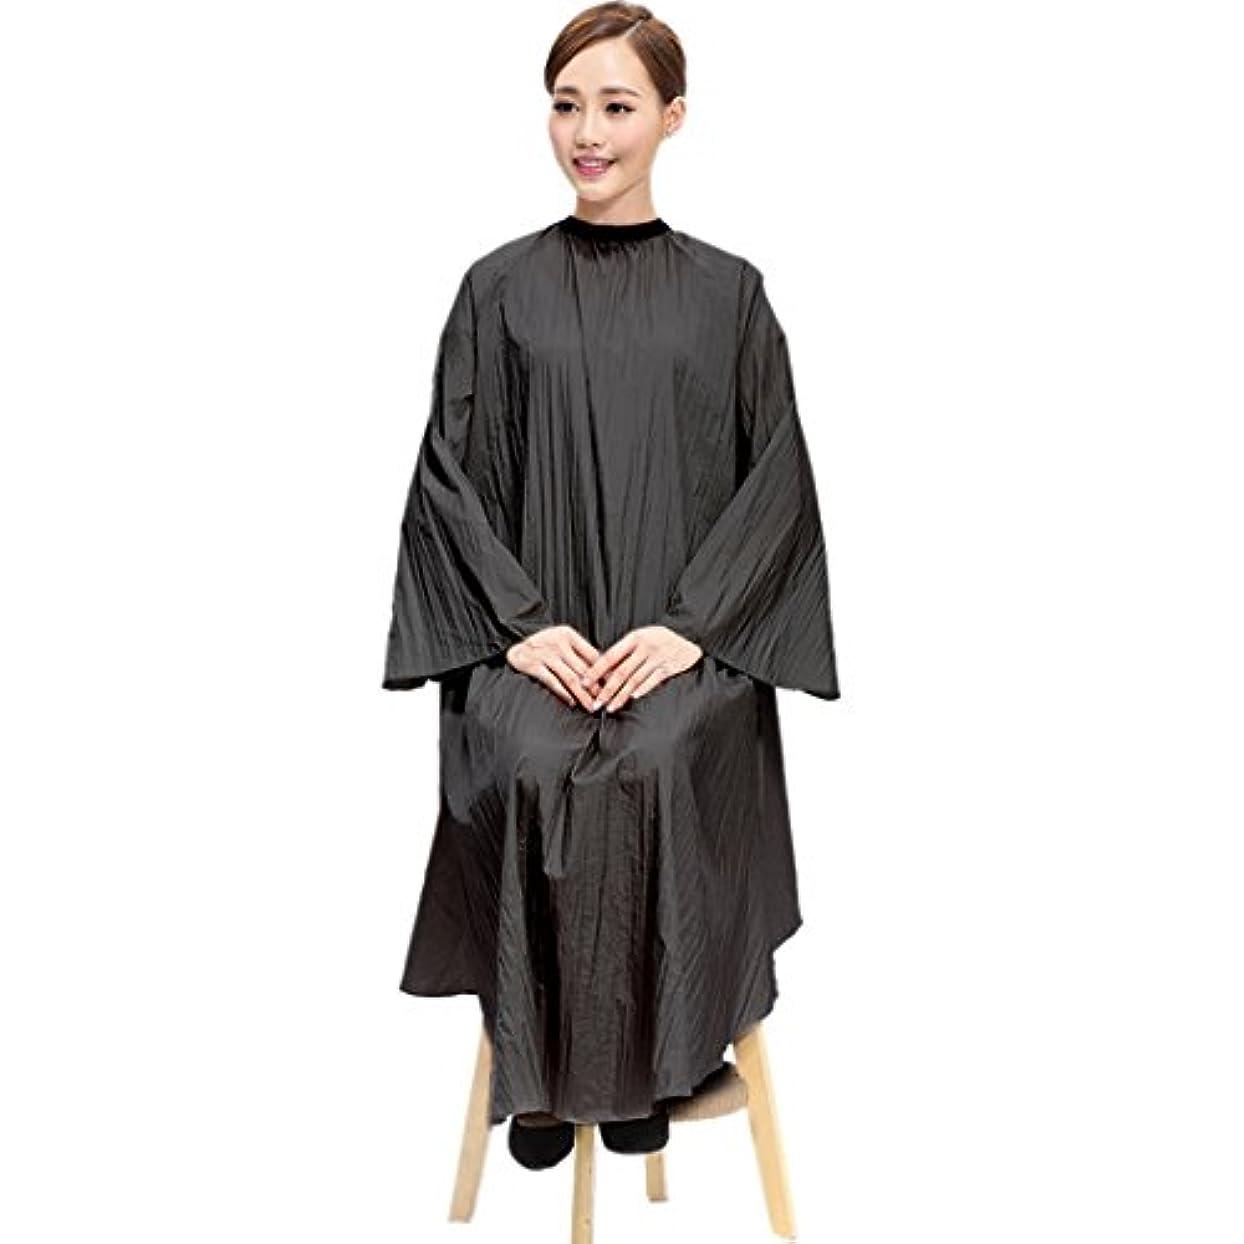 競争力のある差別する英語の授業があります[Jiyaru] 散髪ケープ ヘアエプロン 散髪マント サロン ヘア エプロン 散髪 ヘアーエプロン 175*145cm 美容師 刈布 黒 タイプ1